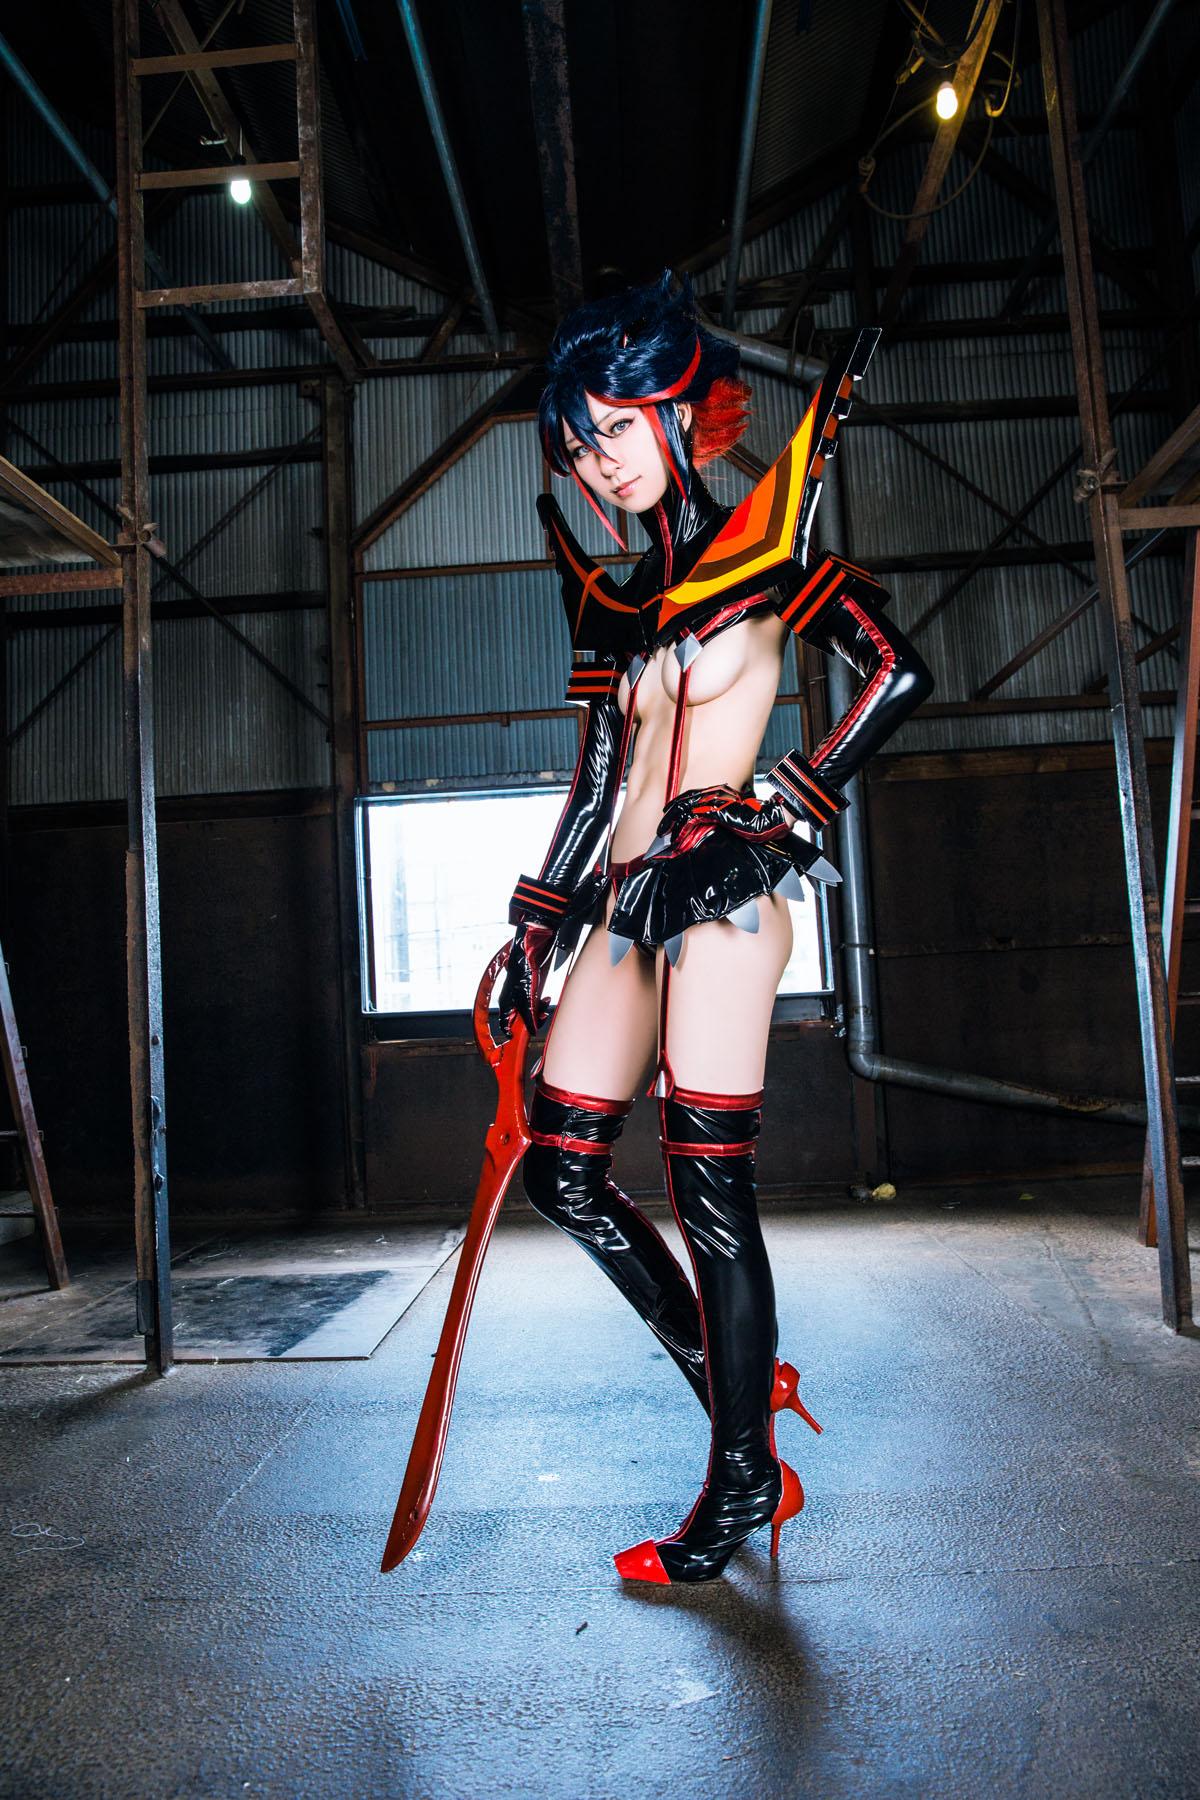 Kill la Kill Ryuuko Matoi anime cosplay by Mikehouse 0011